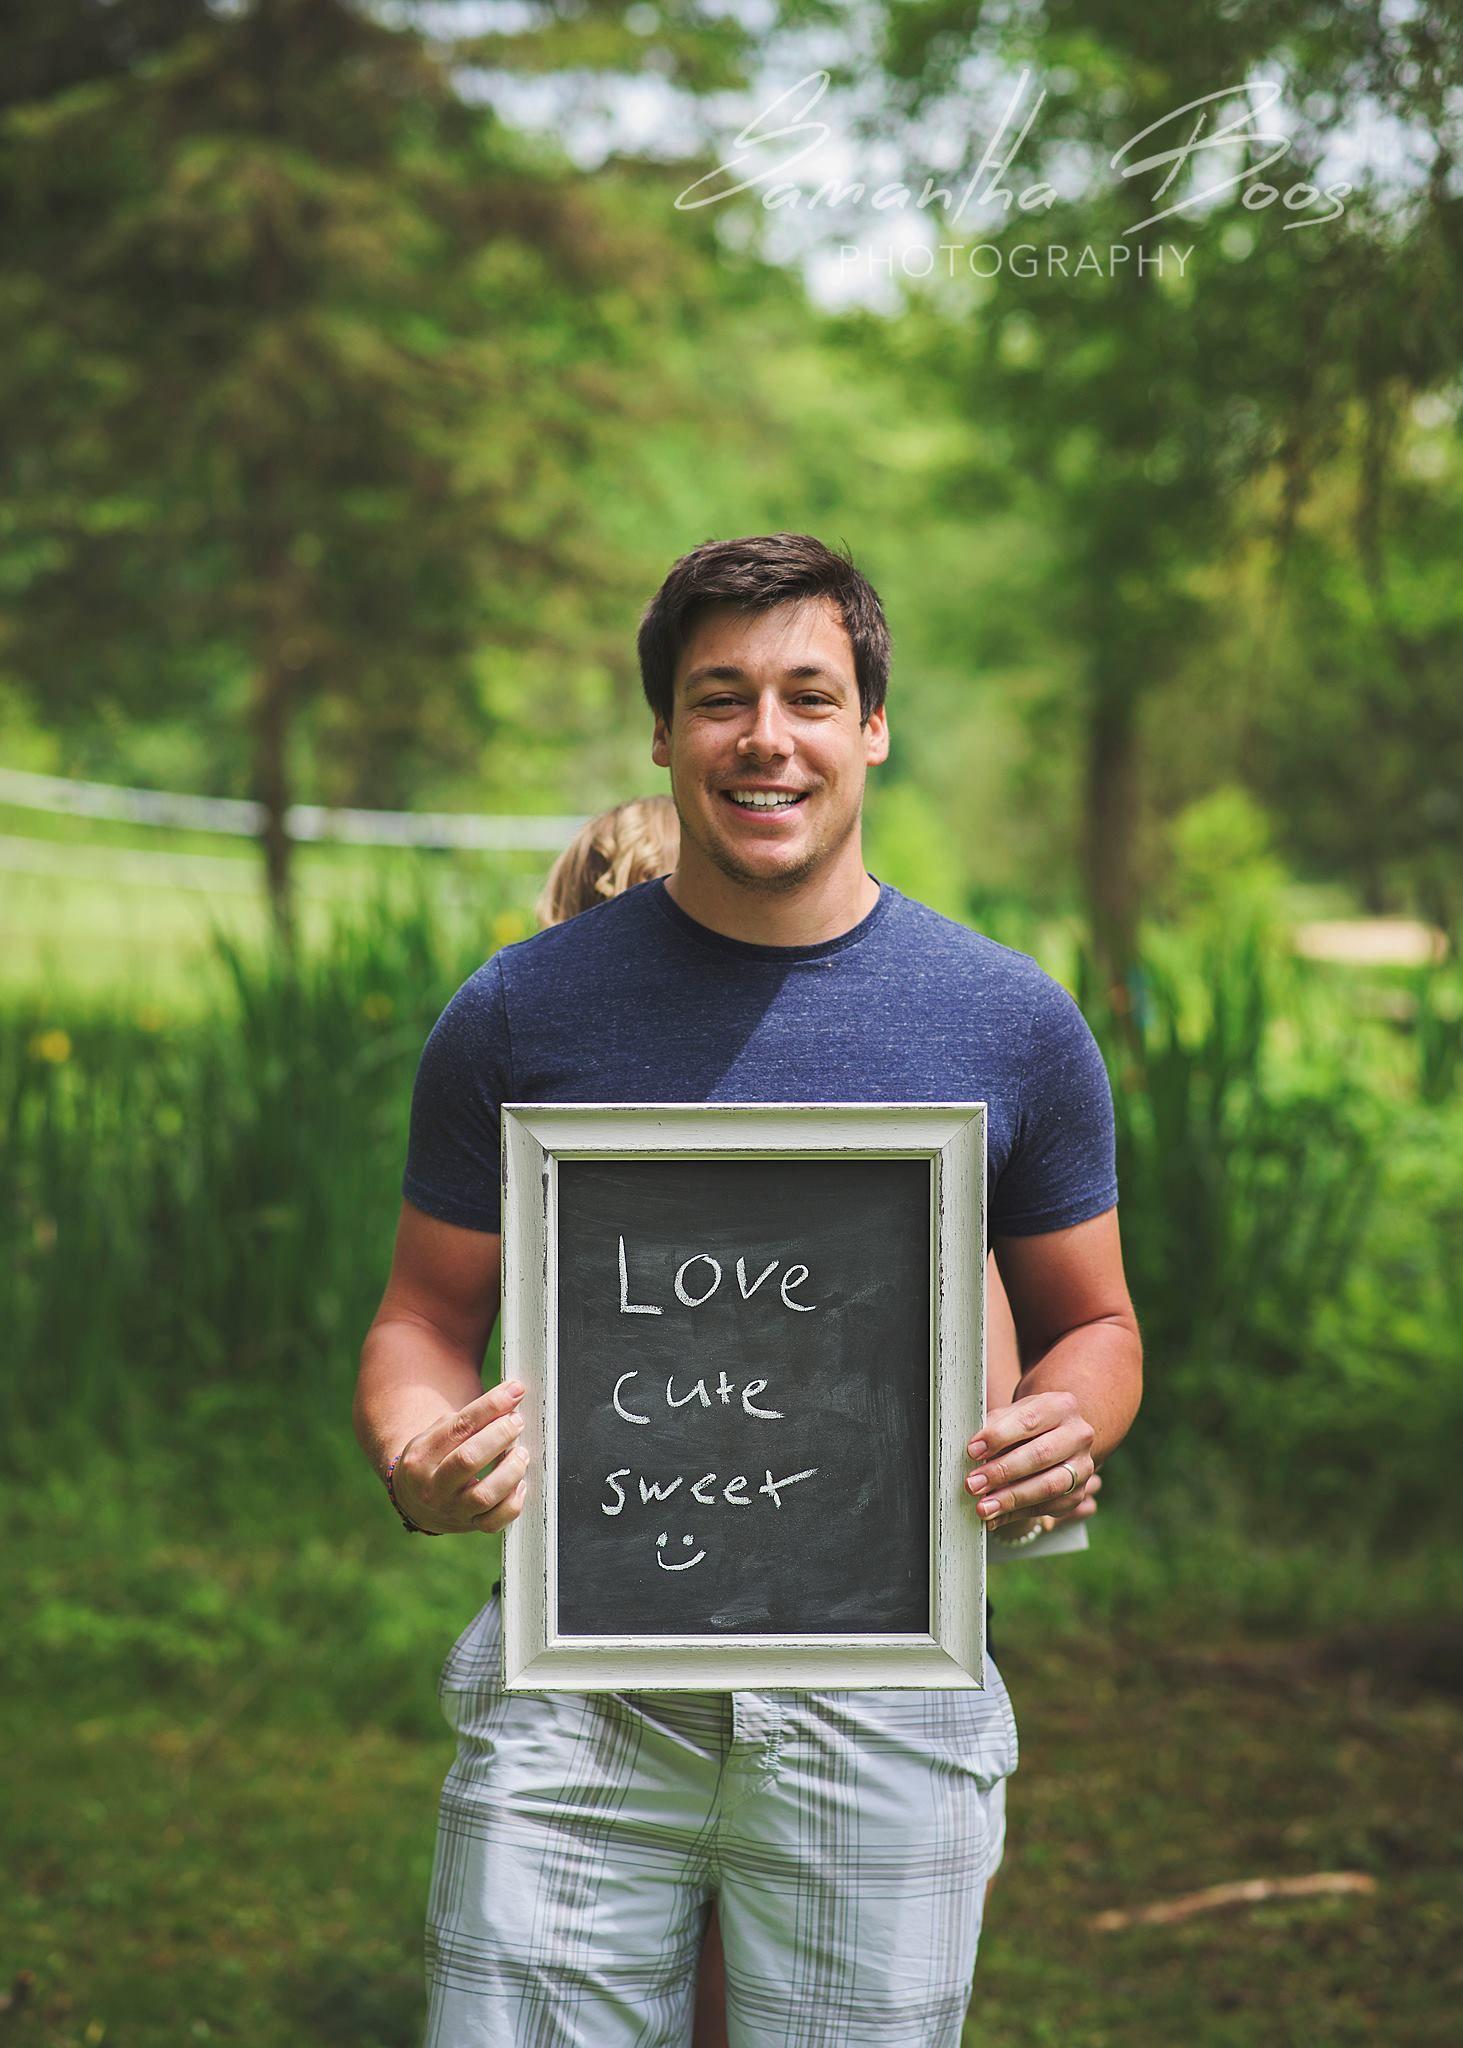 新婚カップルに訪れたもうひとつの幸せと言えば?「感涙のサプライズ」に注目!